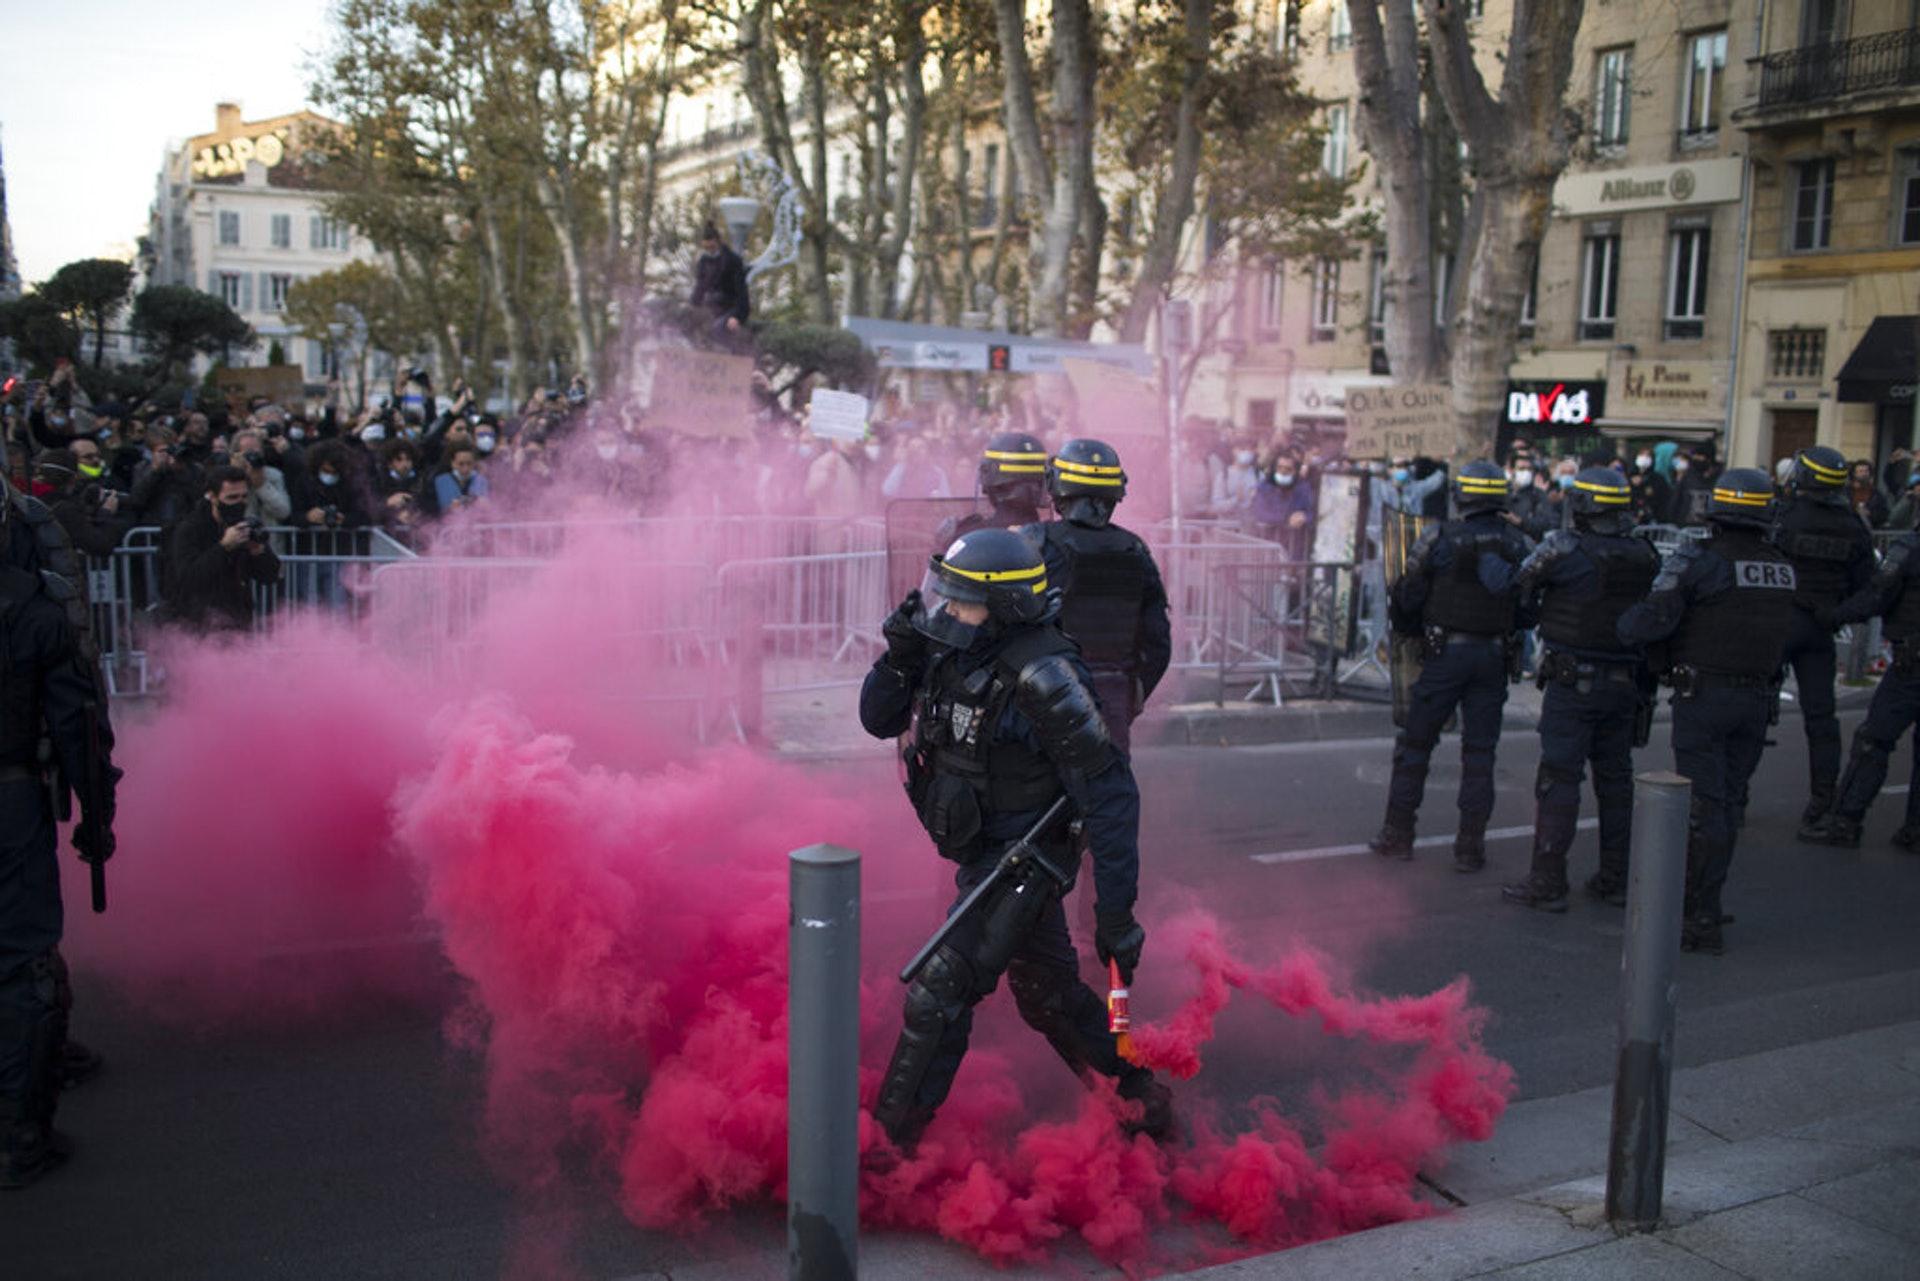 法國示威:防暴警察11月21日在馬賽的示威現場清理抗議人士扔的煙霧彈。(AP)